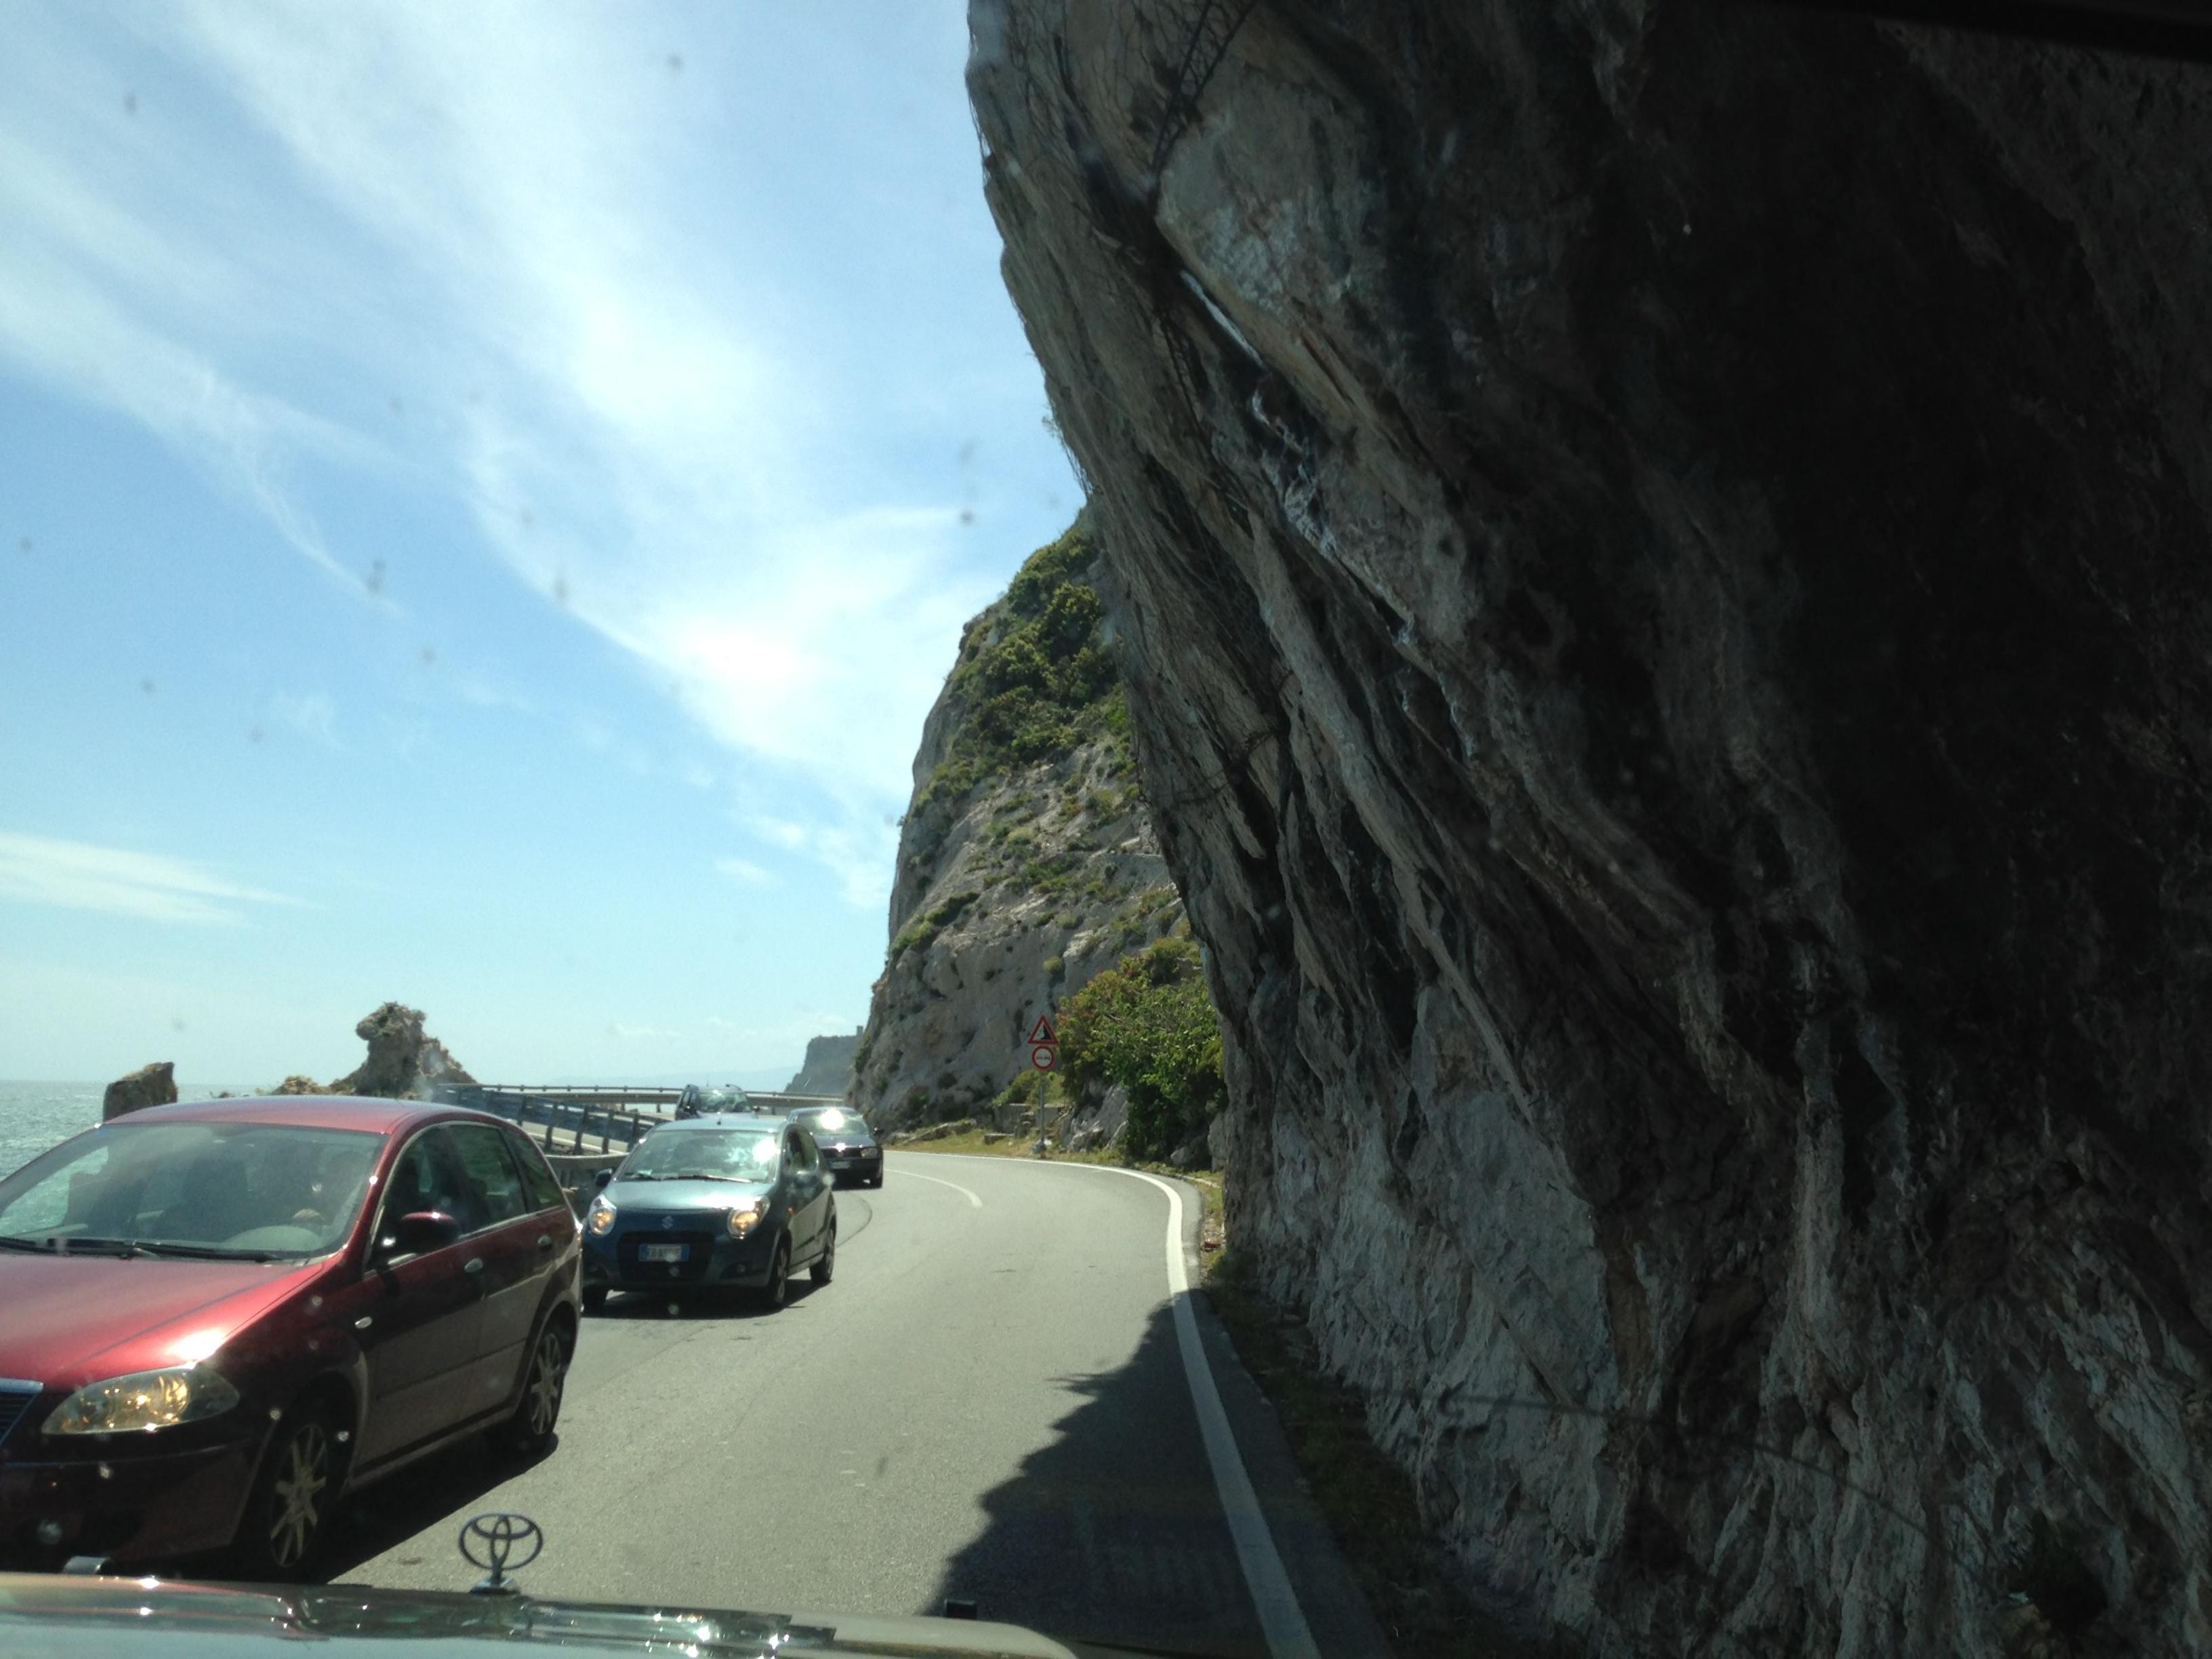 Meer, Autos, kein Weg zum Strand.